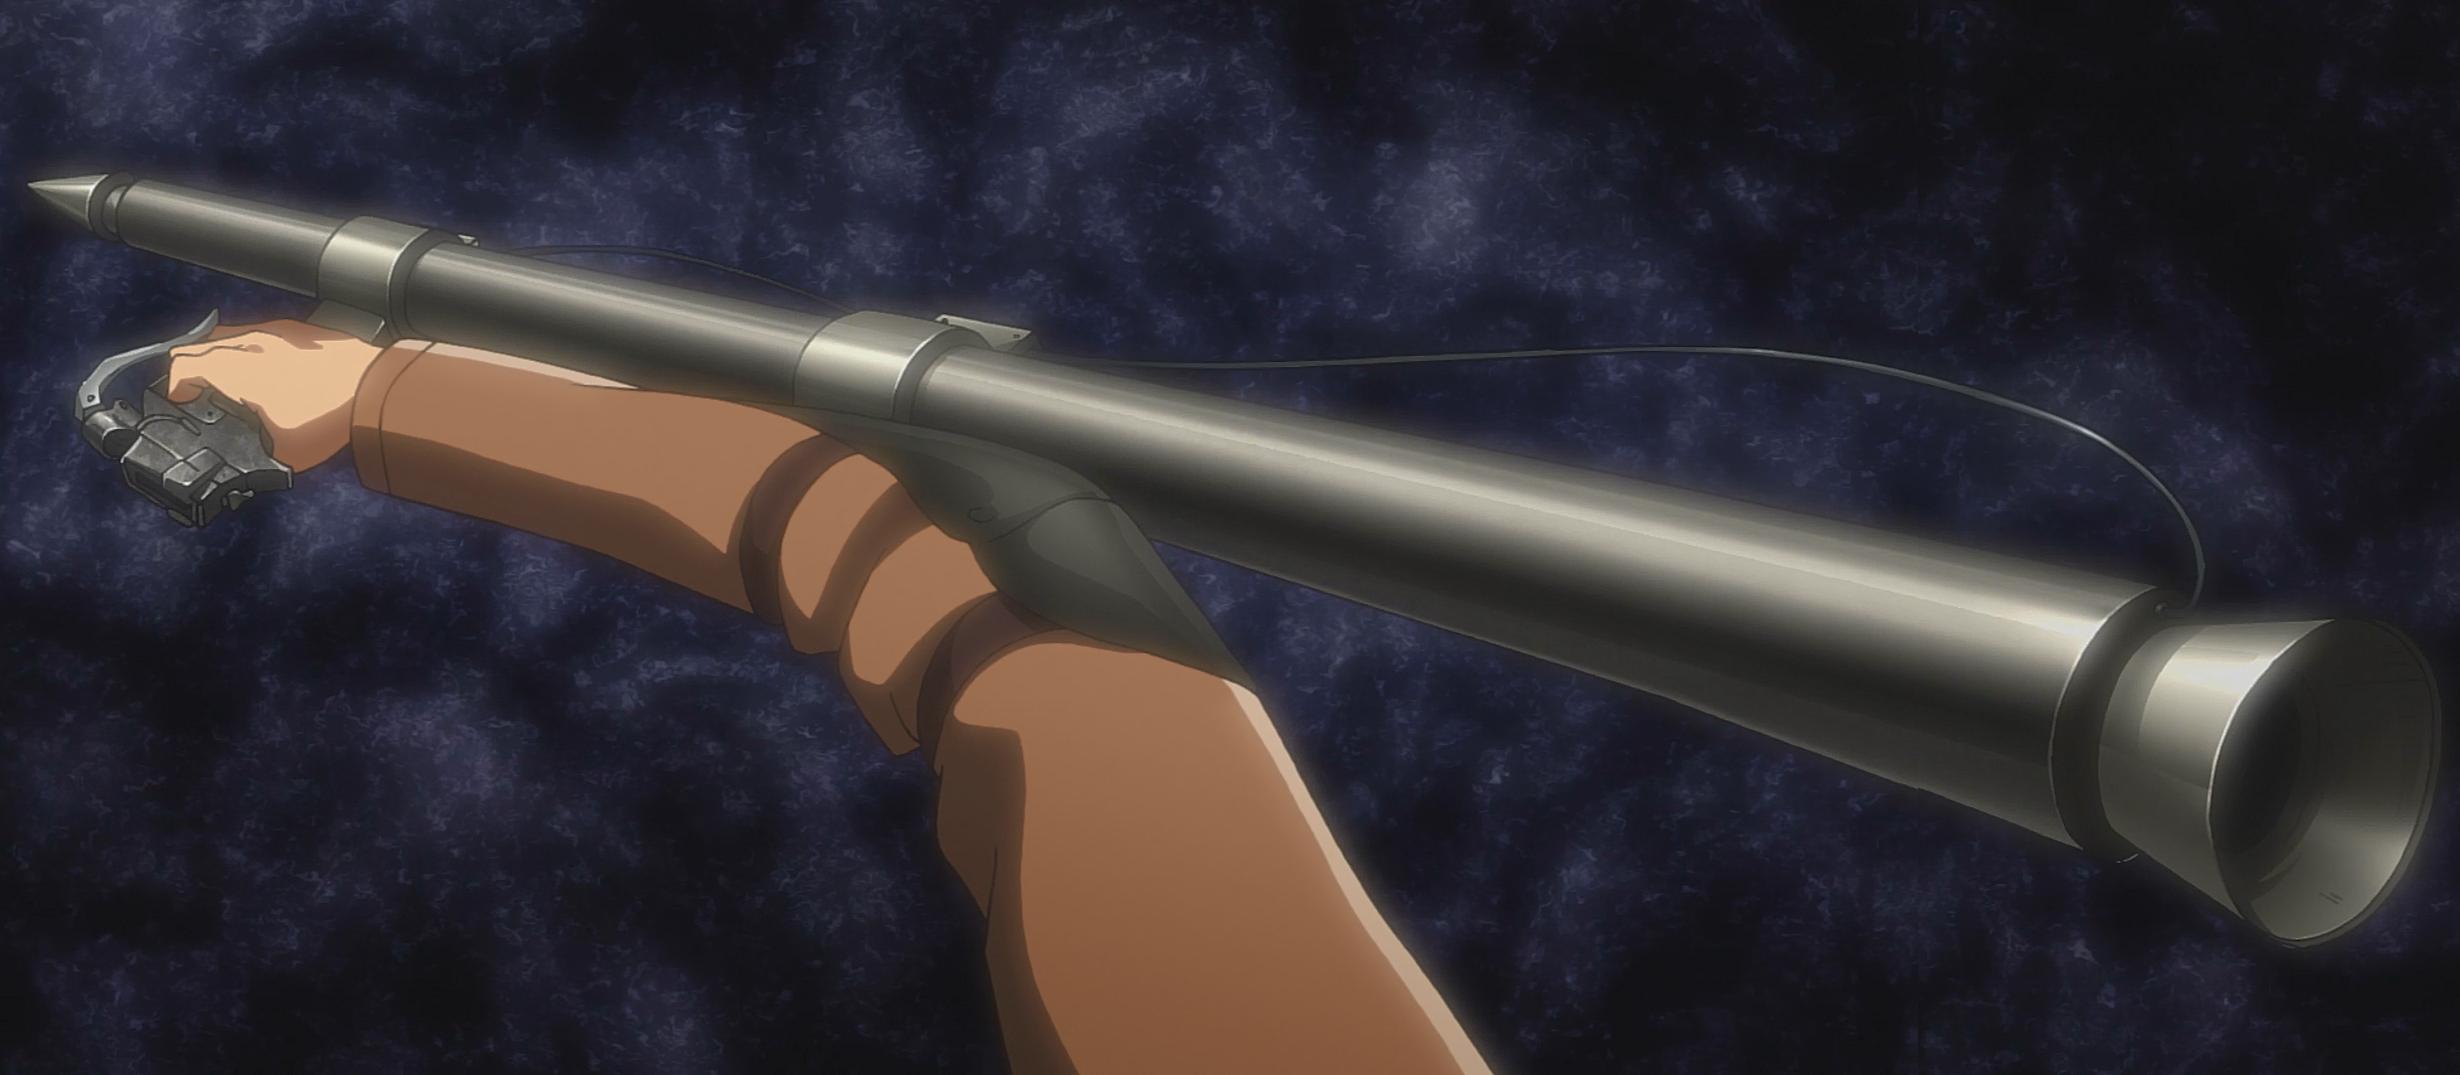 Thunder Spear (Anime)